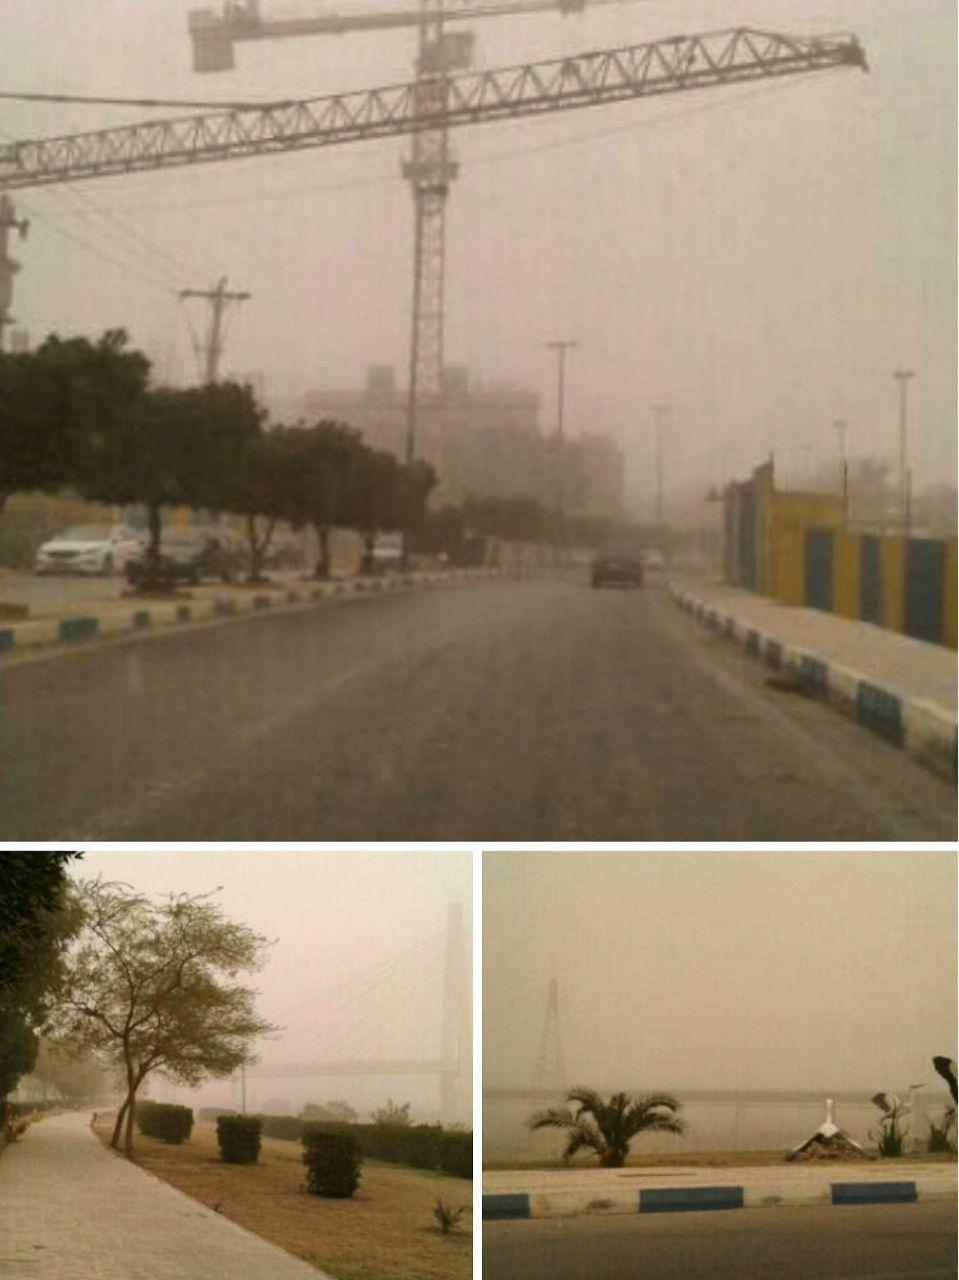 غلظت خاک در هوای اهواز به بیش از ۴۷ برابر حد مجاز رسید/ عکس